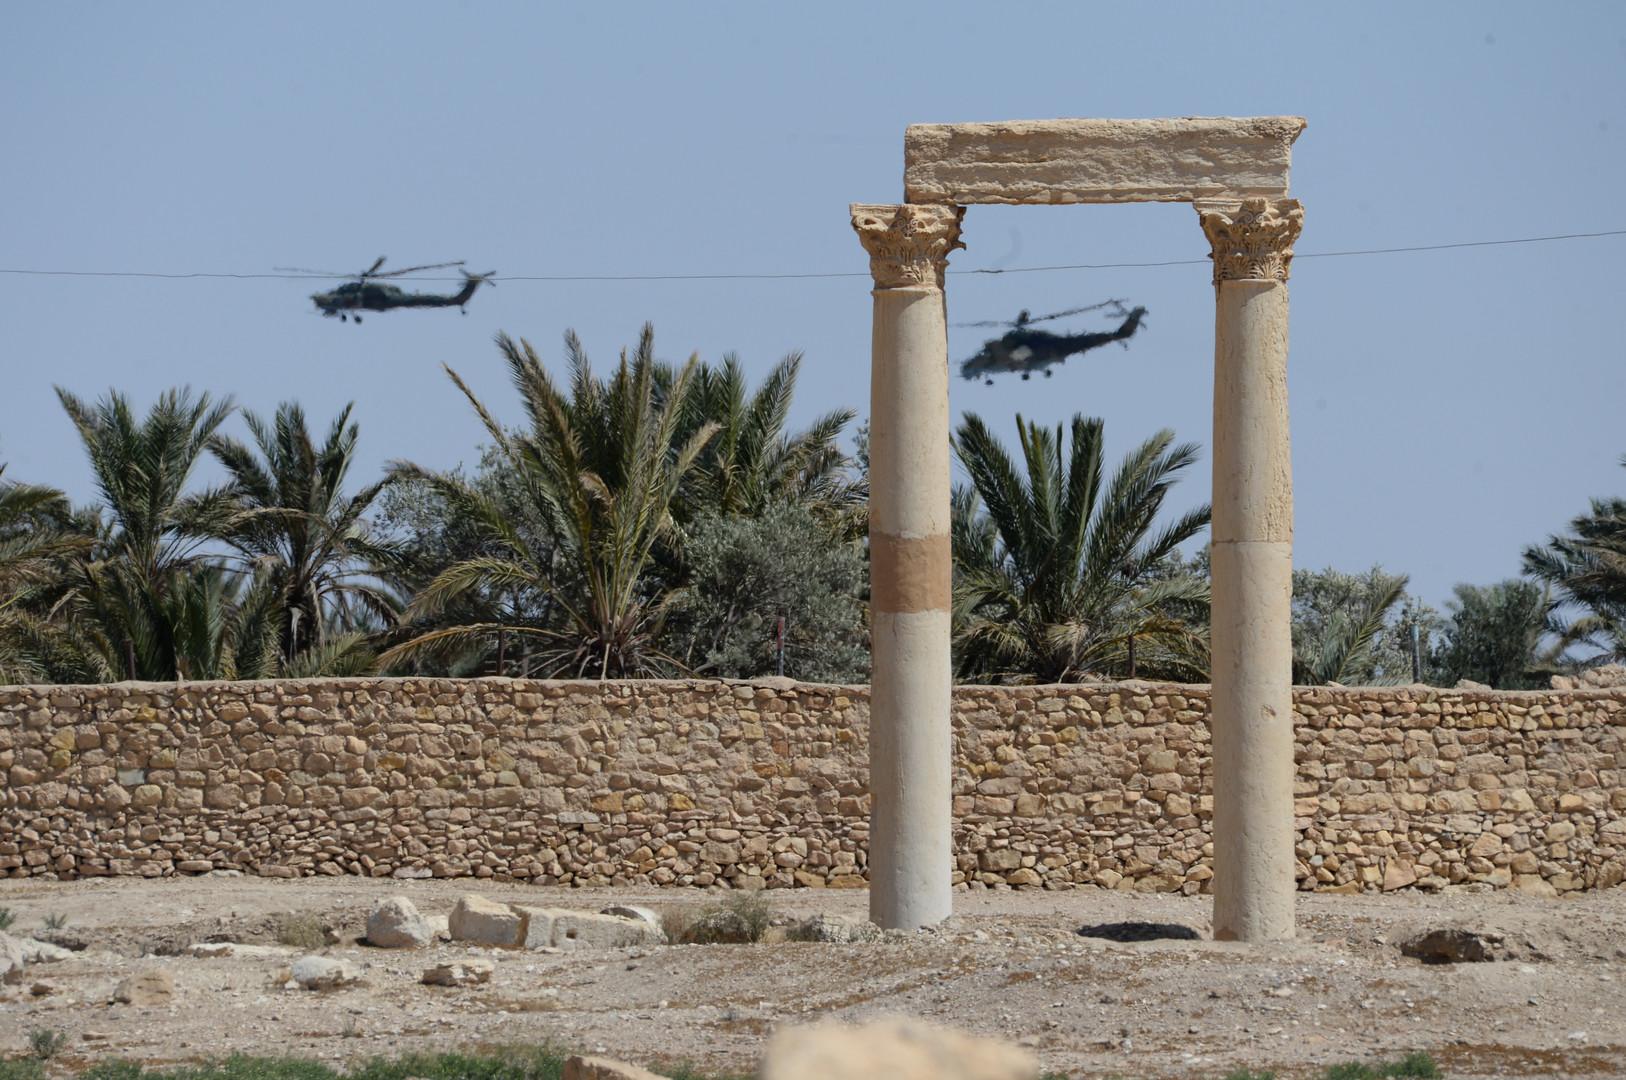 По итогам сирийской кампании российским вертолётам установят новые лопасти